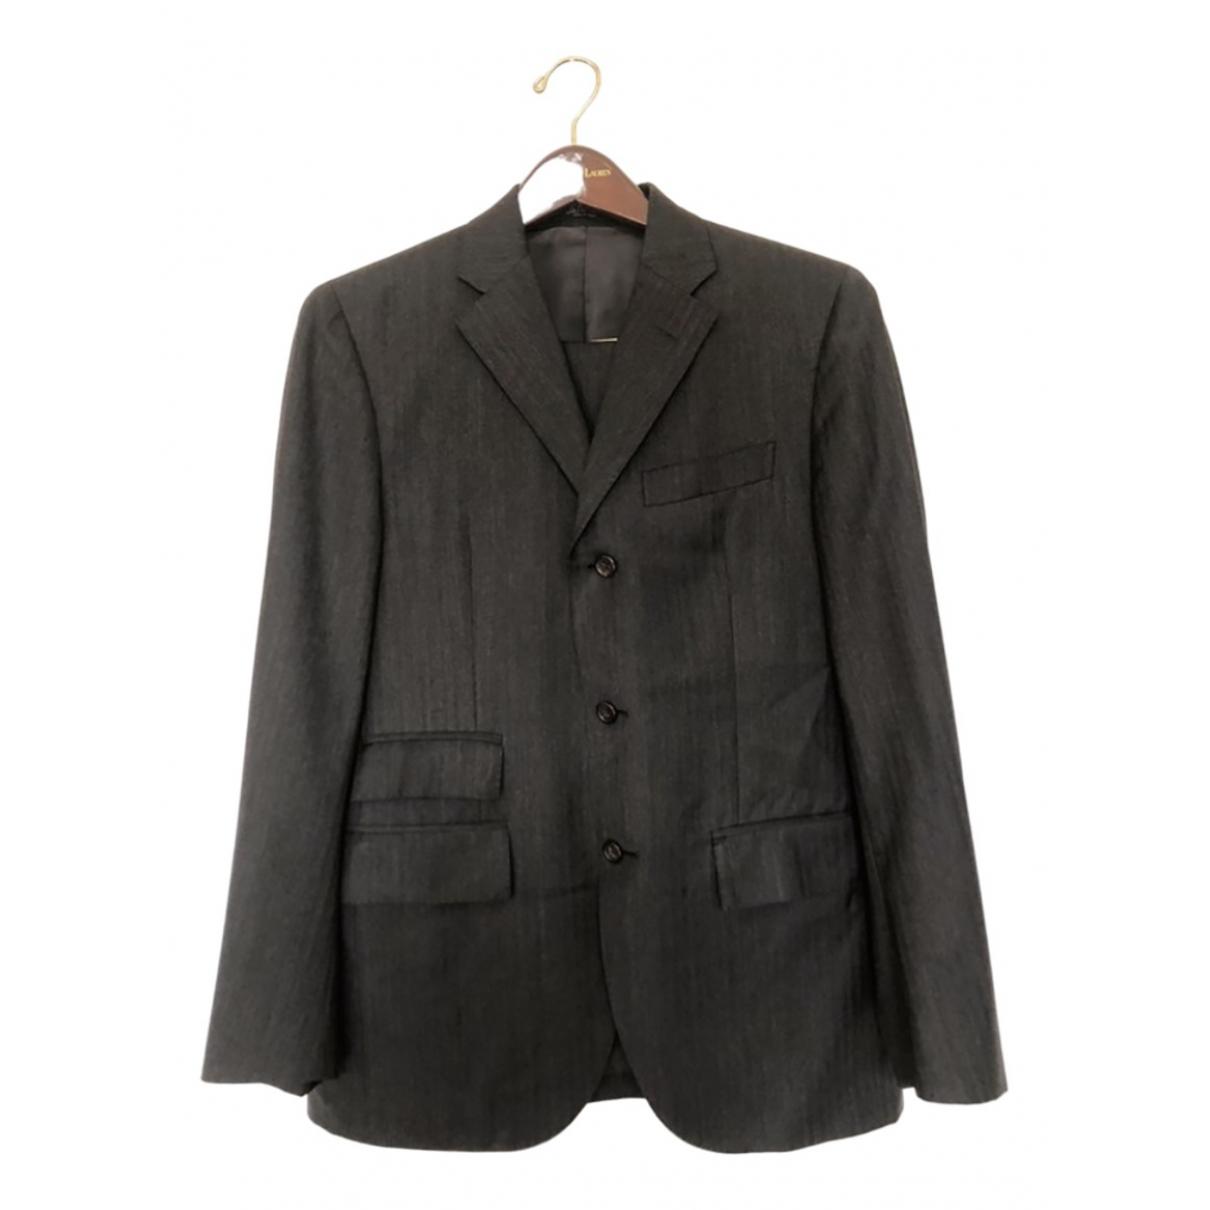 Polo Ralph Lauren - Costumes   pour homme en laine - anthracite